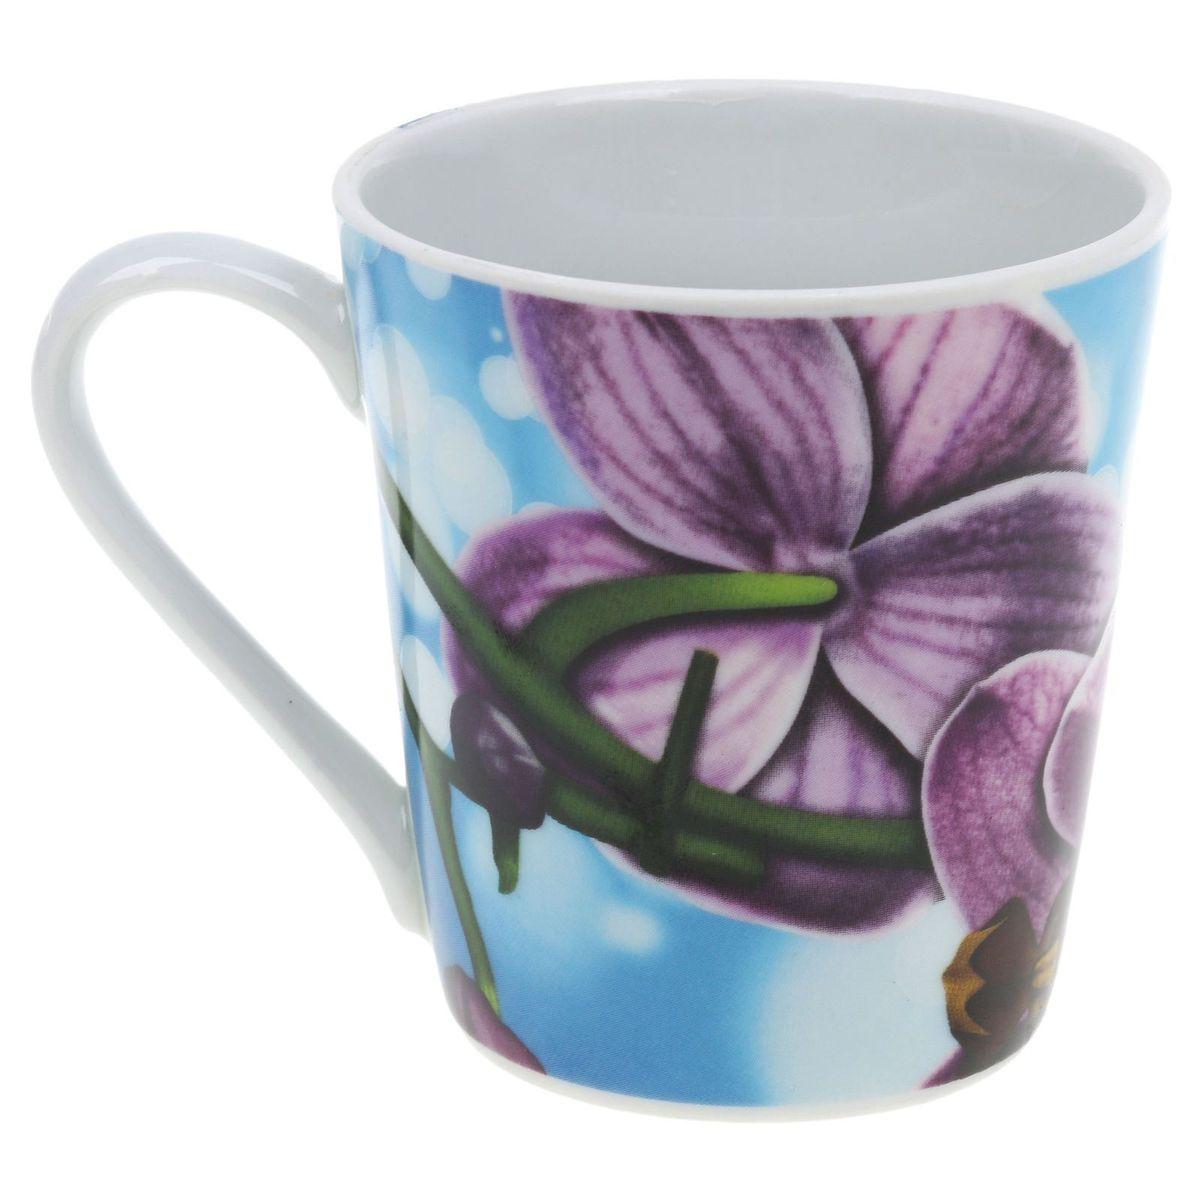 Кружка Классик. Орхидея, цвет: голубой, 300 мл68/5/4Кружка Классик. Орхидея изготовлена из высококачественного фарфора. Внешние стенки изделия оформлены красочным рисунком. Такая кружка прекрасно подойдет для горячих и холодных напитков. Она дополнит коллекцию вашей кухонной посуды и будет служить долгие годы.